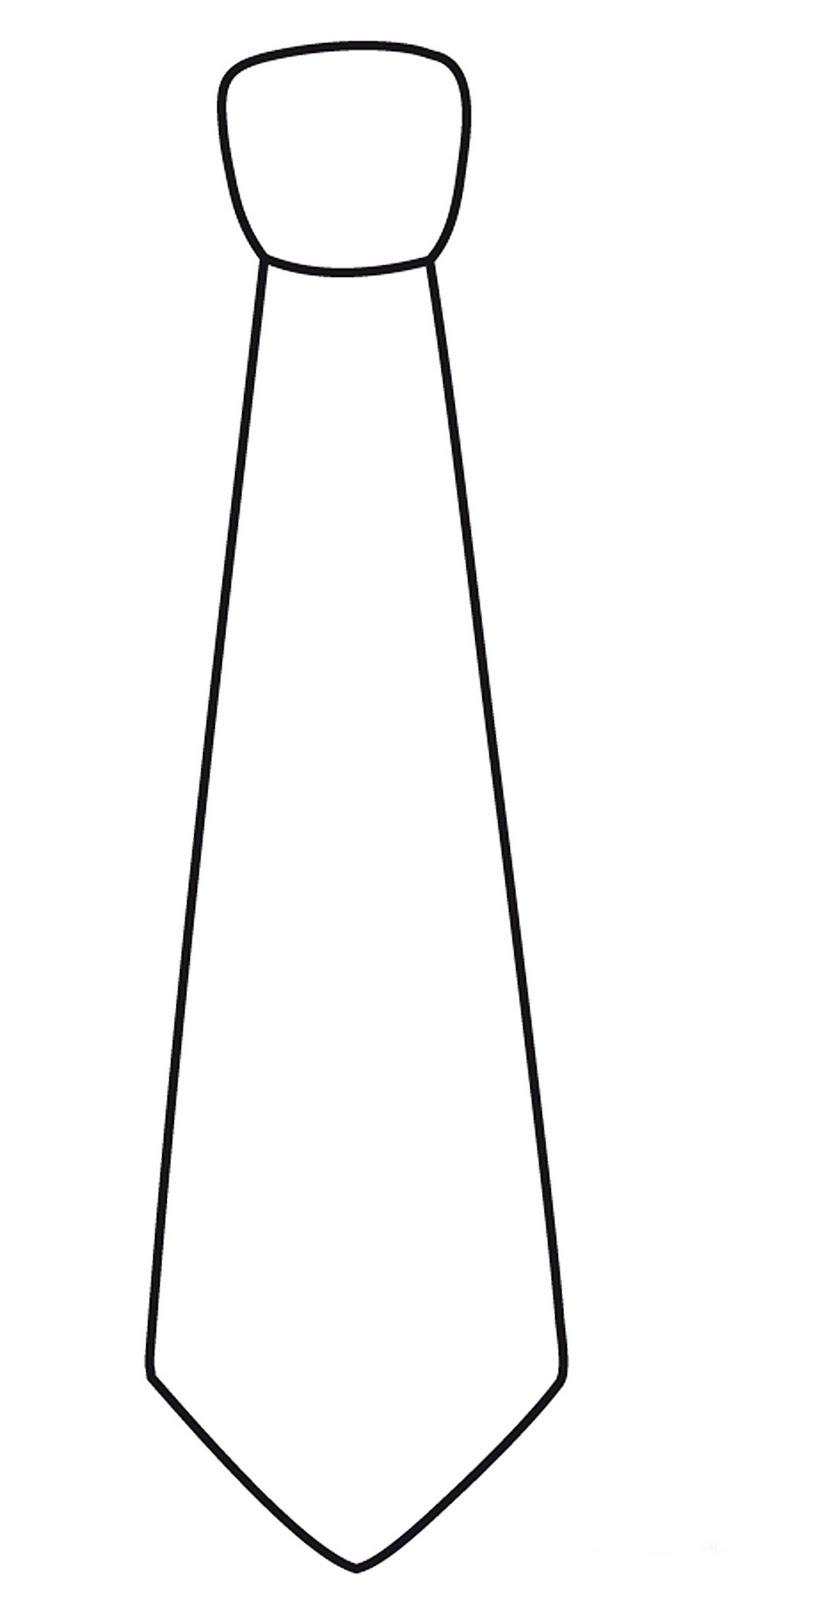 Галстук из бумаги своими руками шаблон